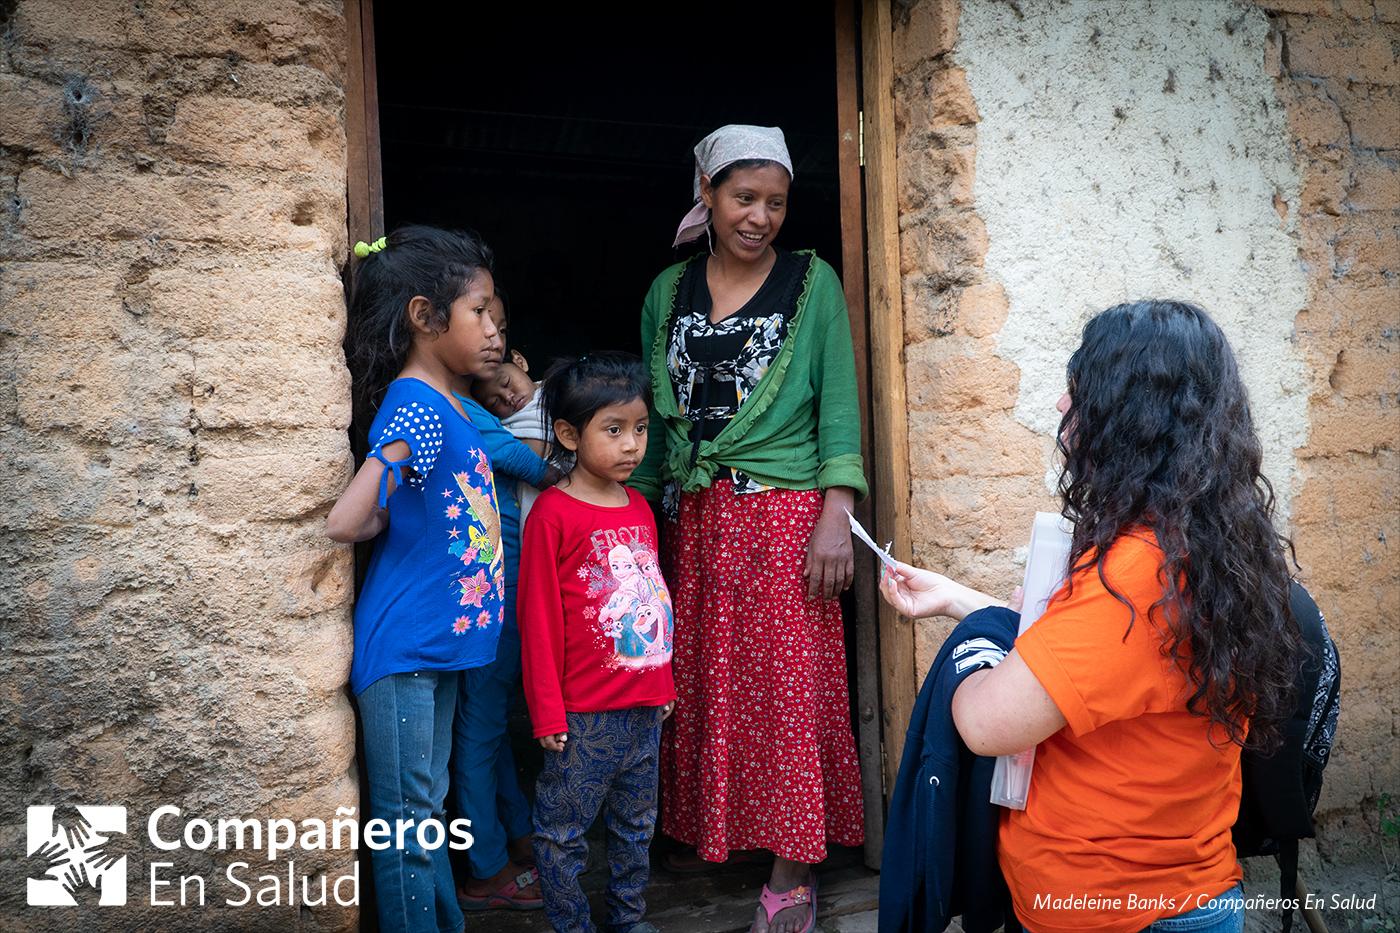 Foto: Berenice Morales Montoya, estudiante de medicina, pasa una nota a Doña Marina que describe las vacunas que sus niños deben recibir.